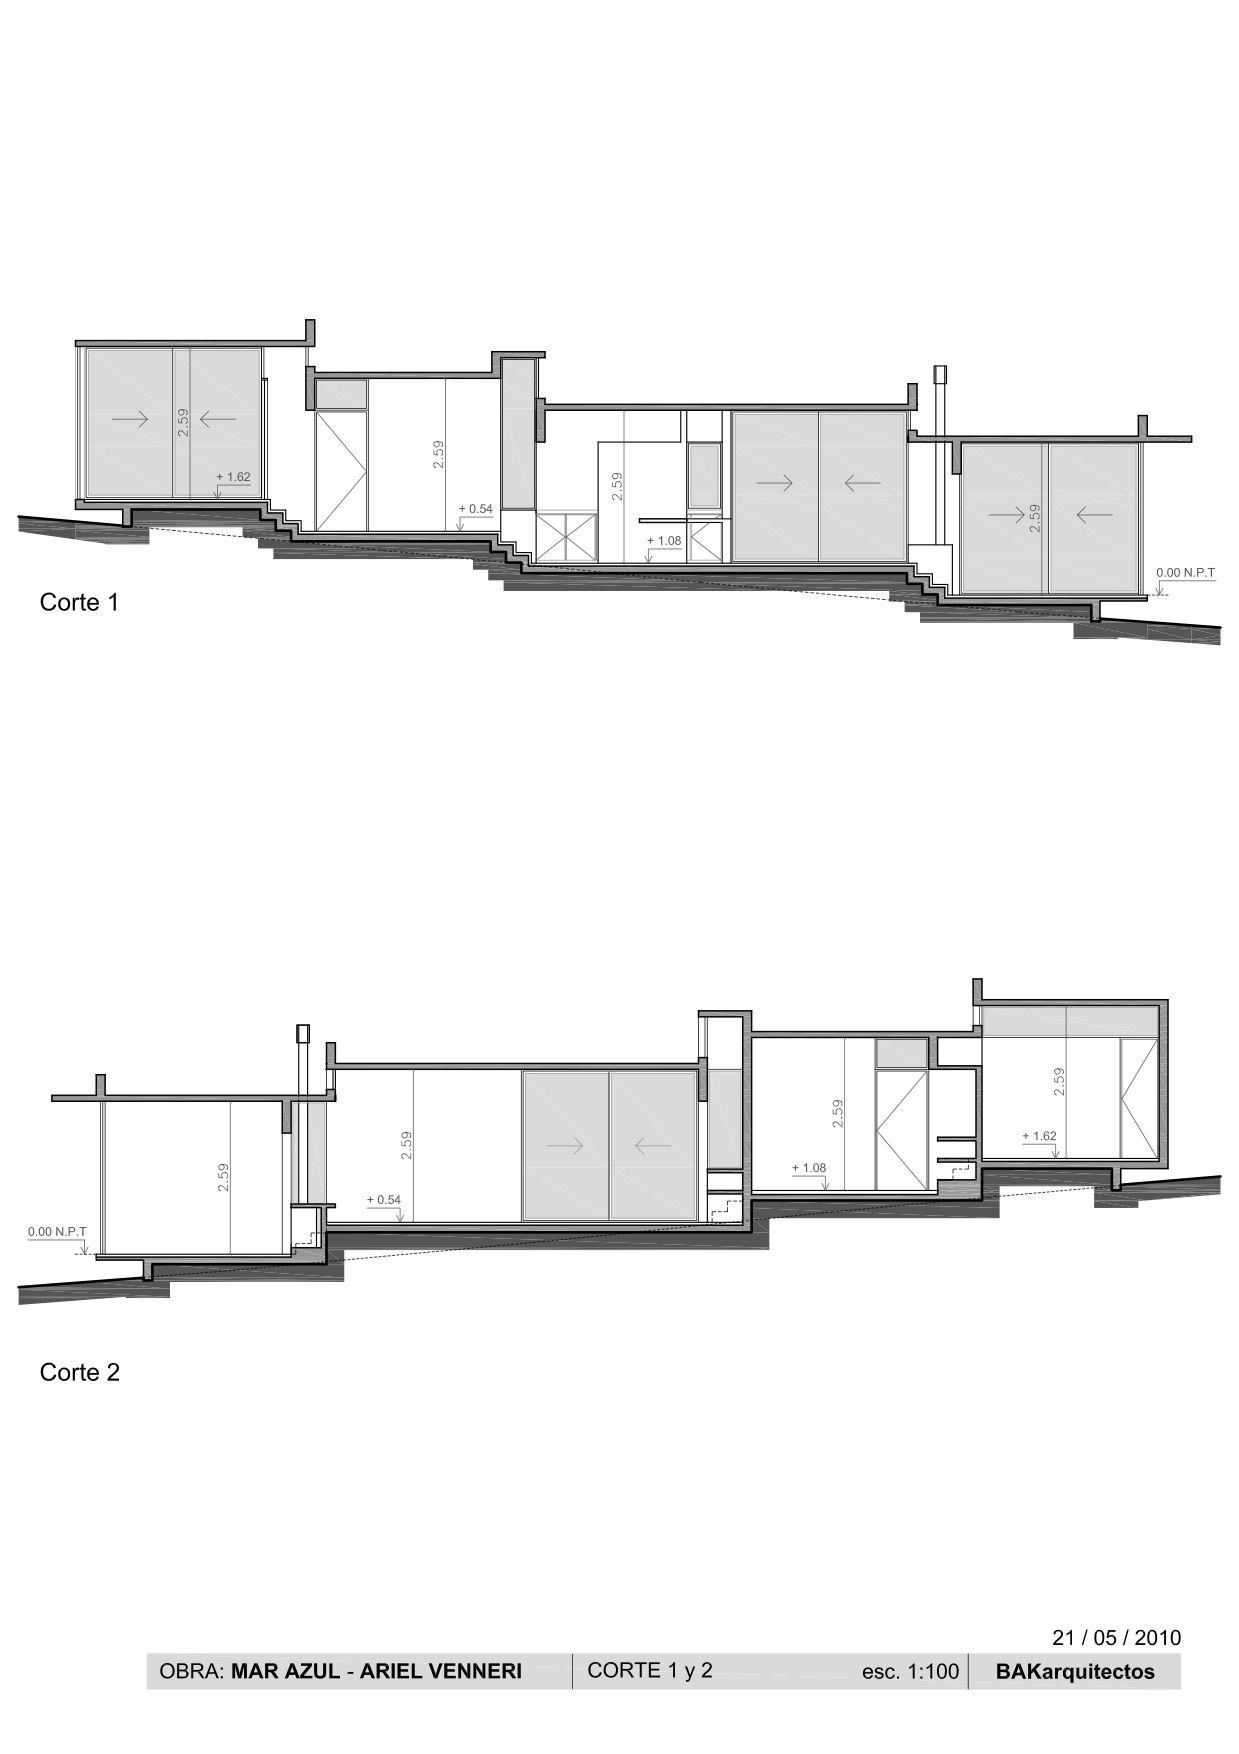 Corte 1 y 2